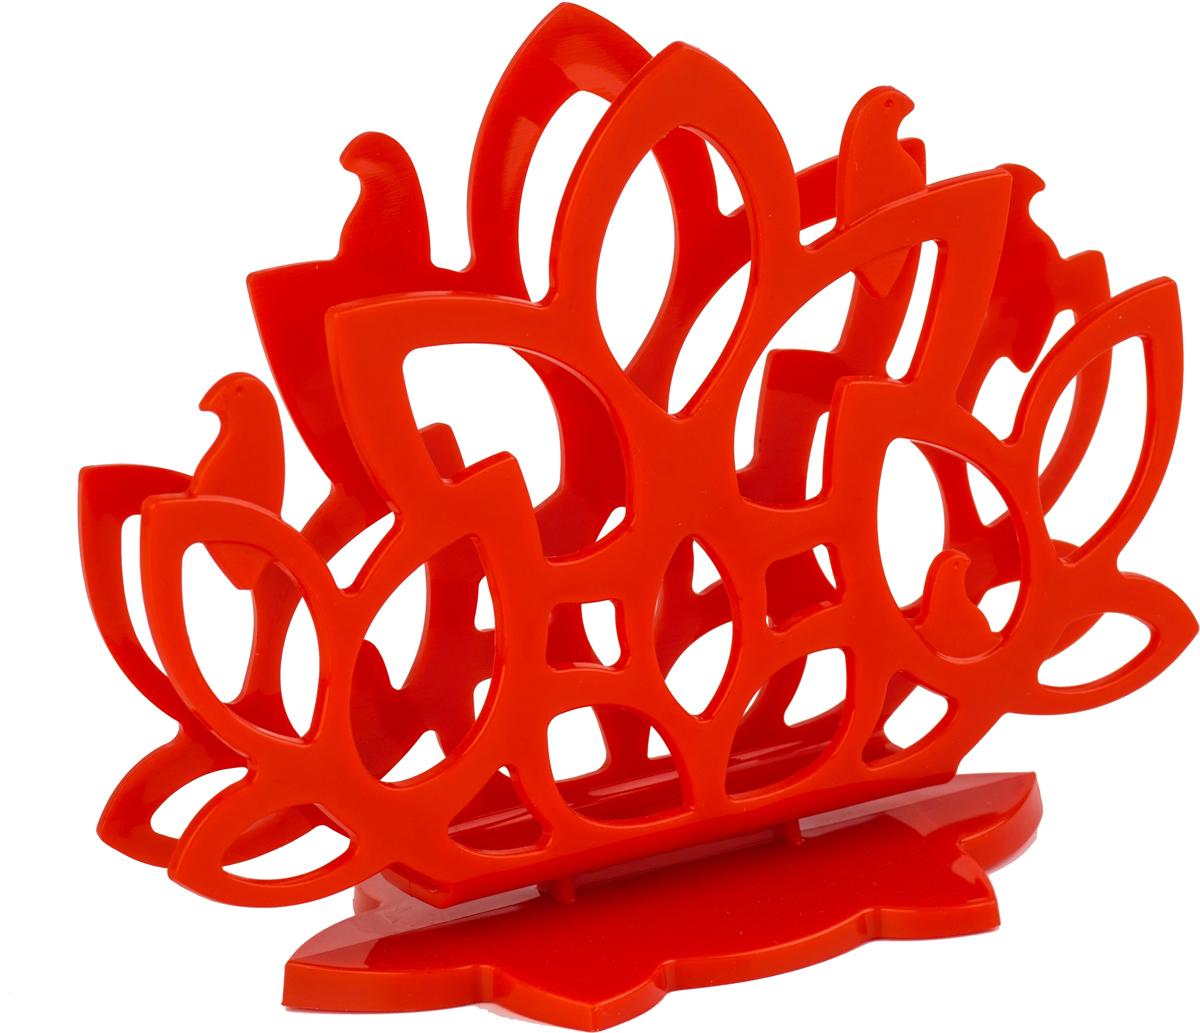 Салфетница Plastic Centre Камелия, цвет: красныйПЦ4053КРСалфетница из коллекции Камелия с авторским дизайном станет замечательной деталью сервировки и великолепным украшением праздничного и повседневного стола. Корпус имитирует пышную крону куста камелии, с сидящими на ветвях птицами. Изделие не смотря на легкую конструкцию, отличается устойчивостью и удобством использования. Благодаря столь аккуратному дизайну, салфетница может использоваться как дома, так в барах, ресторанах, кафе.